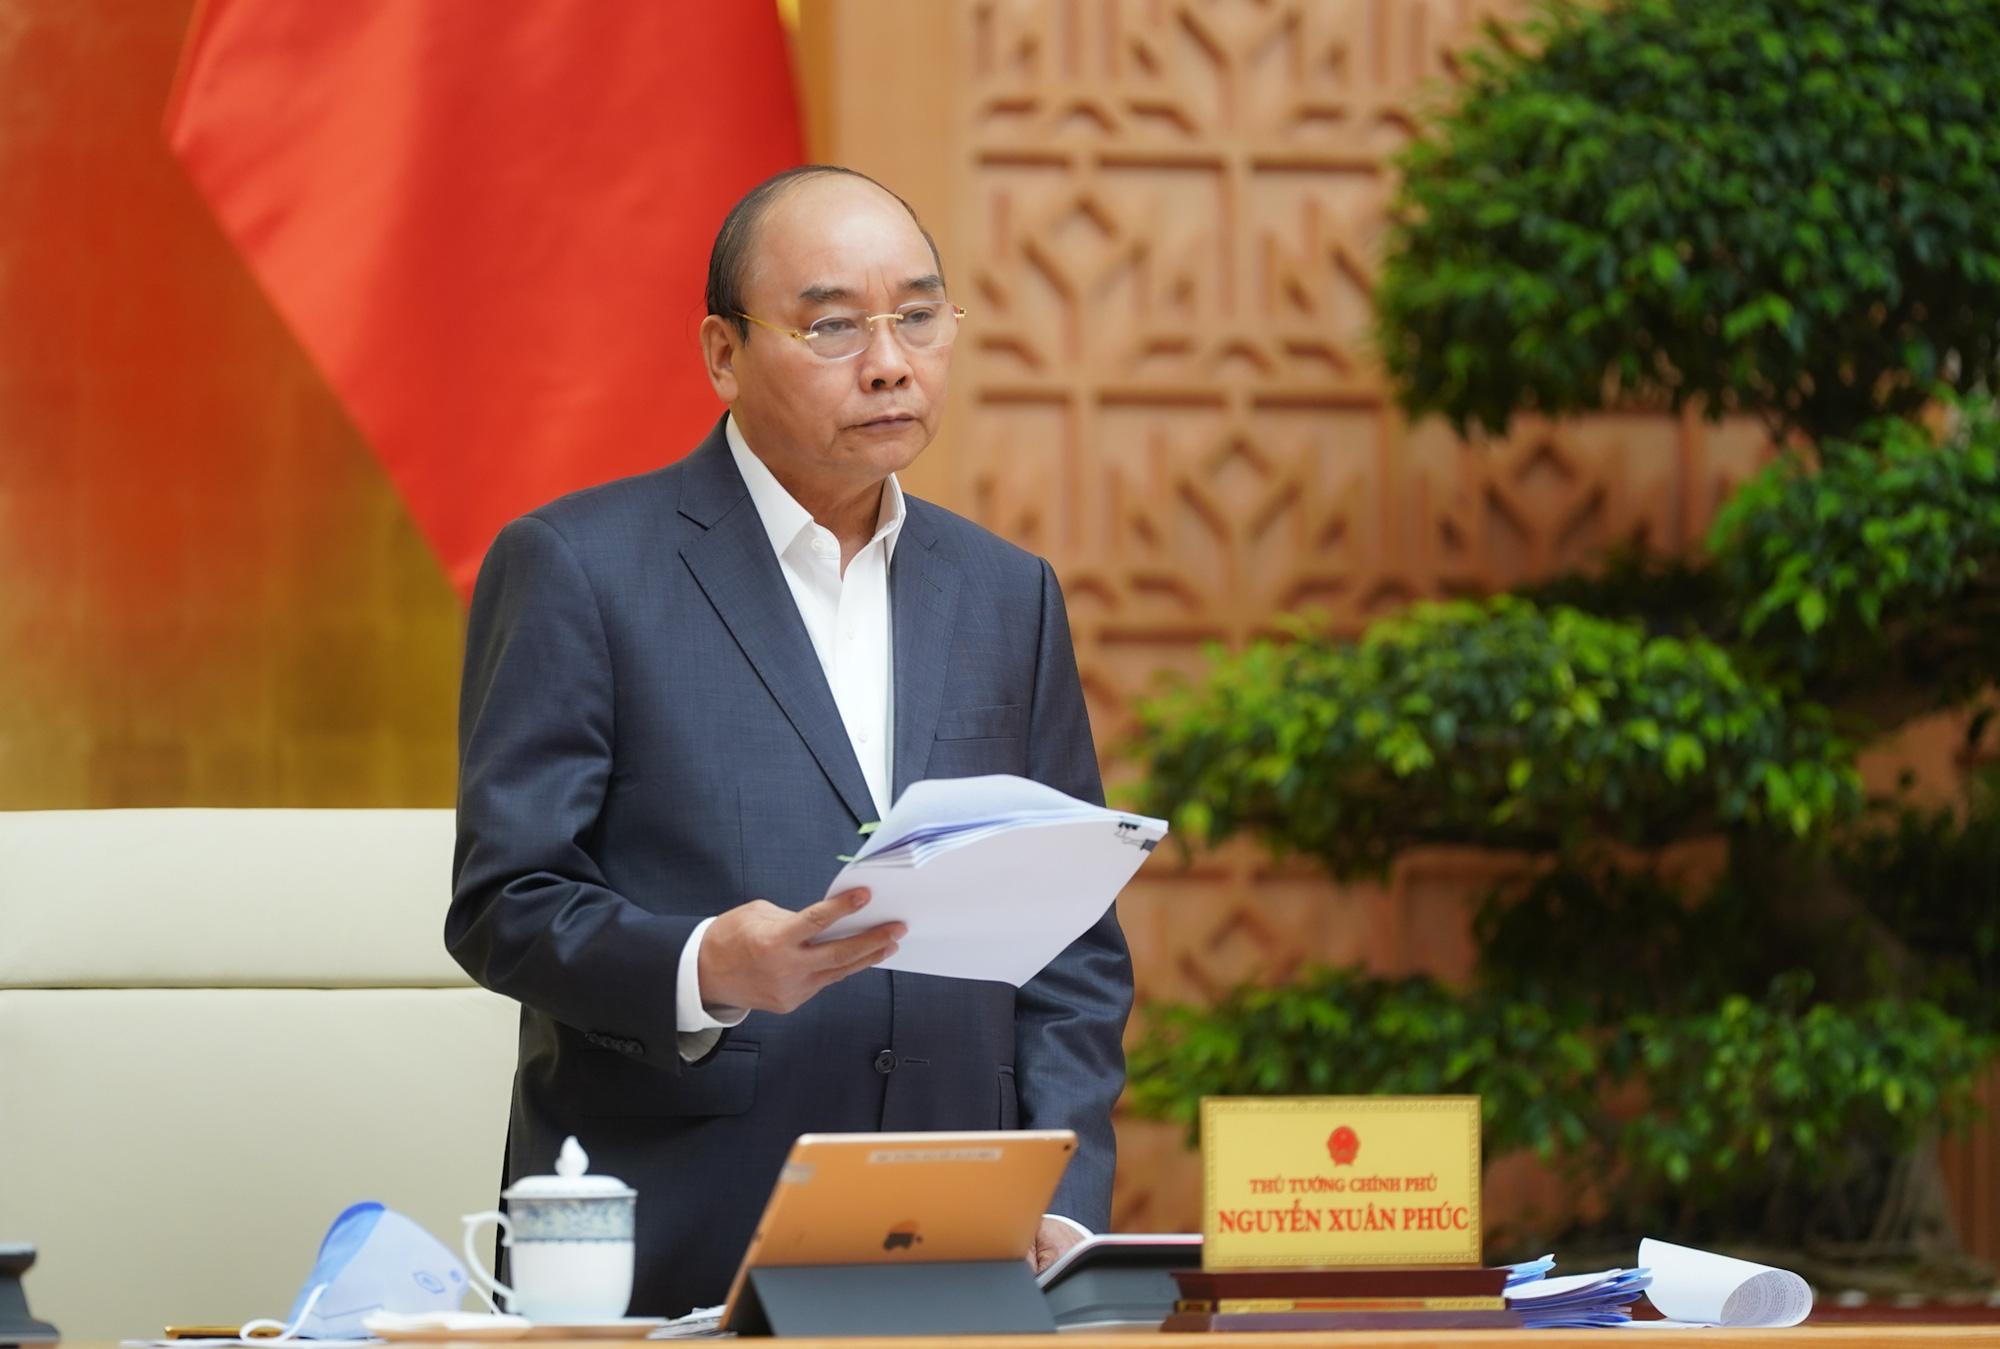 Thủ tướng Chính phủ yêu cầu tăng tốc sản xuất trang thiết bị y tế, máy thở - Ảnh 1.